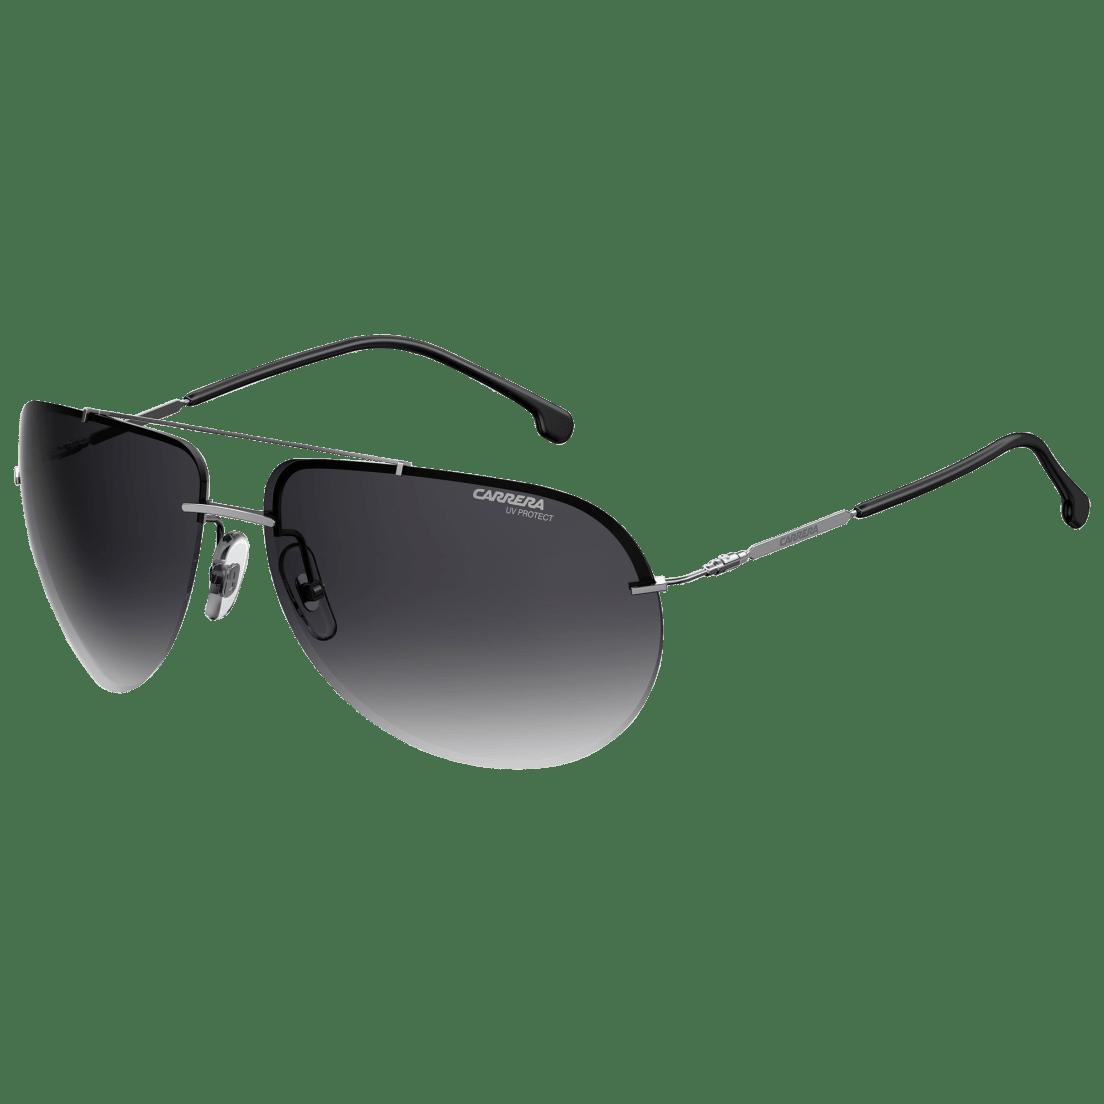 6e38be41901d Carrera 149/S Round Sunglasses